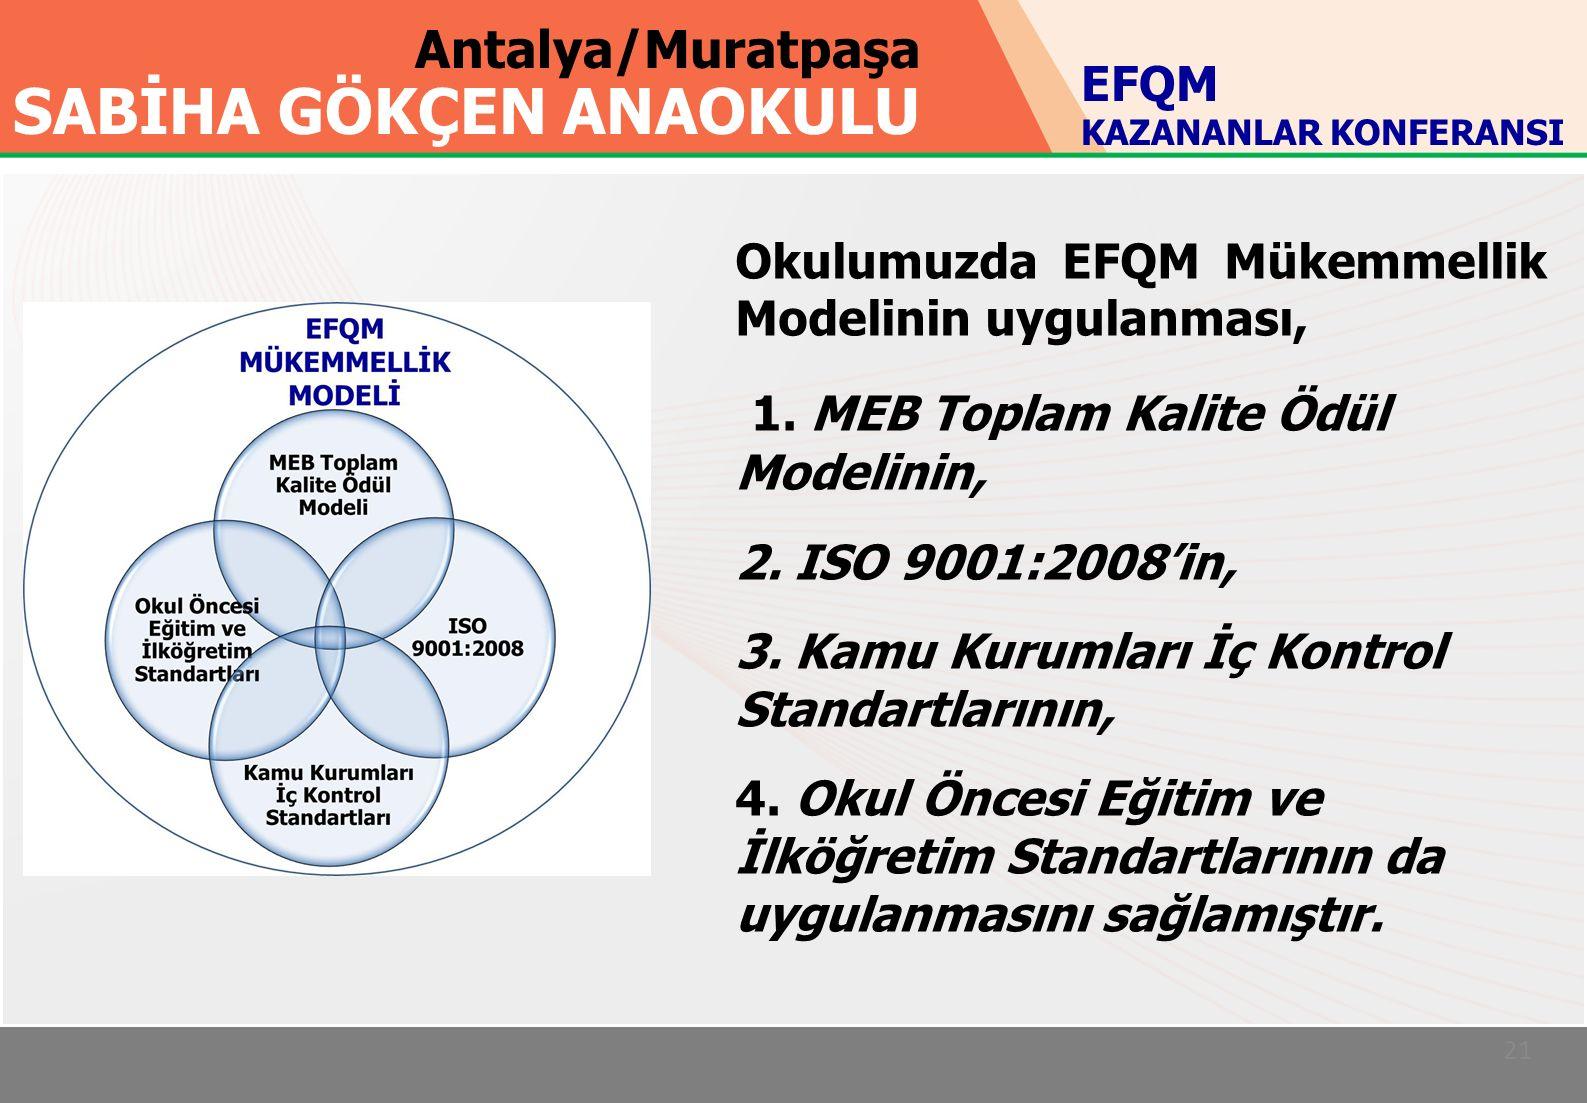 Antalya/Muratpaşa SABİHA GÖKÇEN ANAOKULU 21 Okulumuzda EFQM Mükemmellik Modelinin uygulanması, 1.